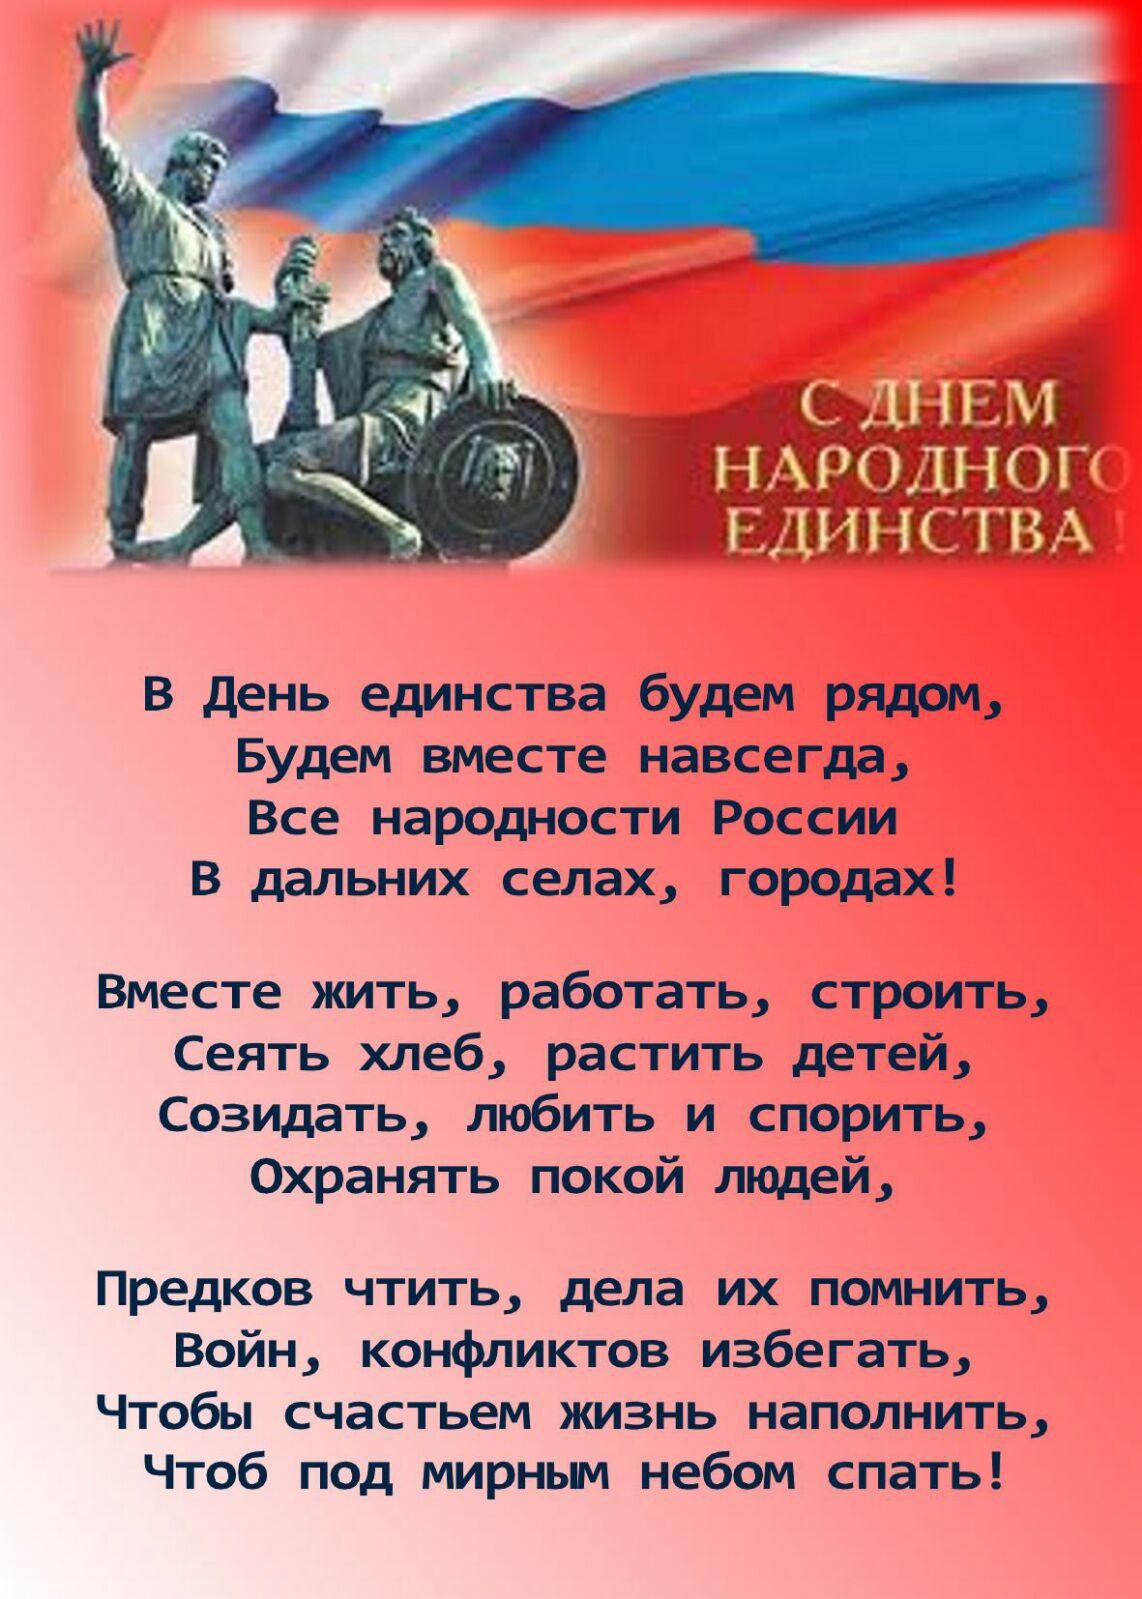 Февраля прикольная, картинка с поздравлением день народного единства